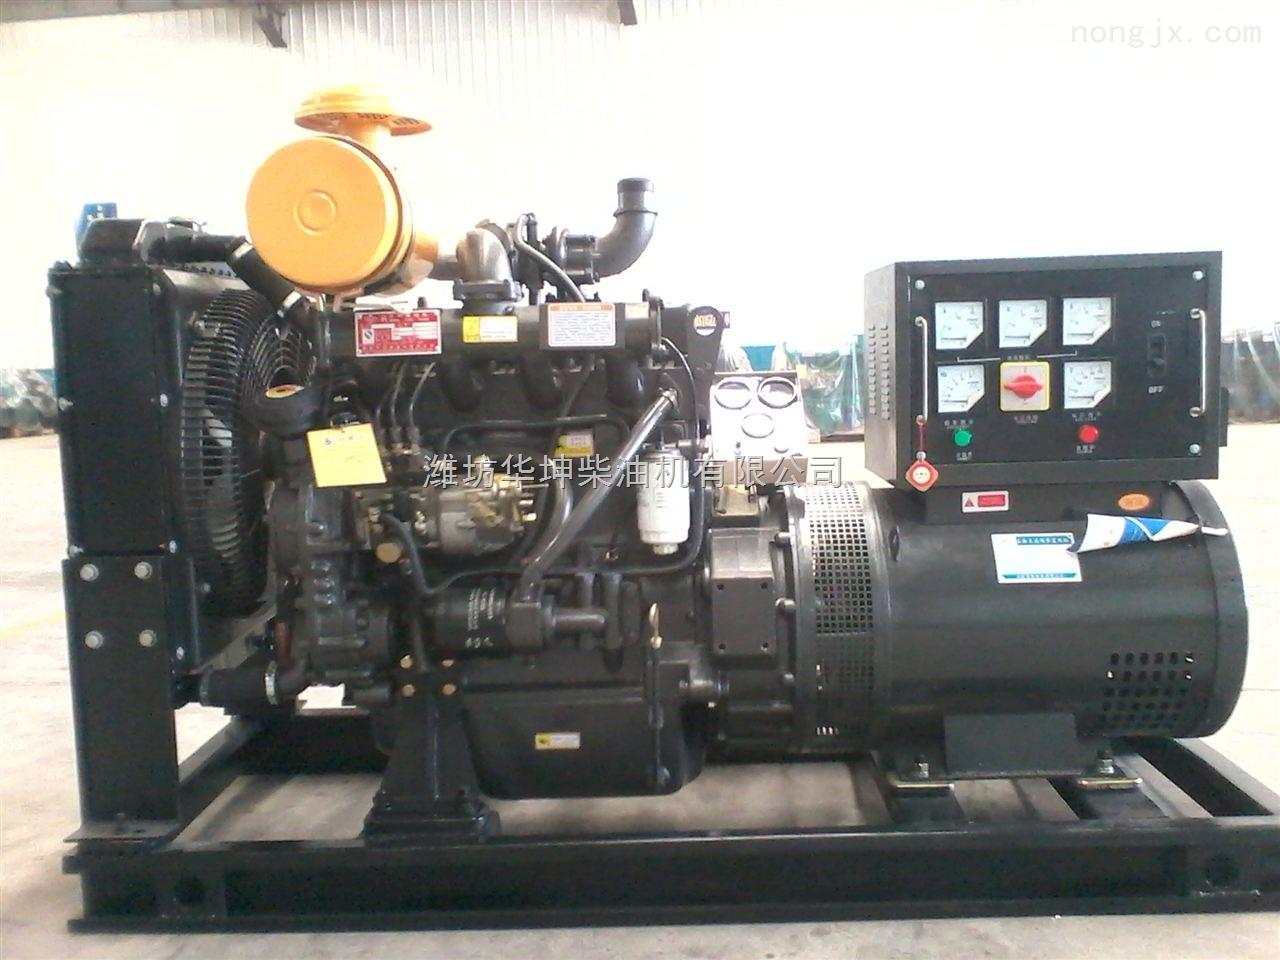 潍柴潍坊50kw柴油发电机组 移动发电机组 4缸柴油机 全国联保